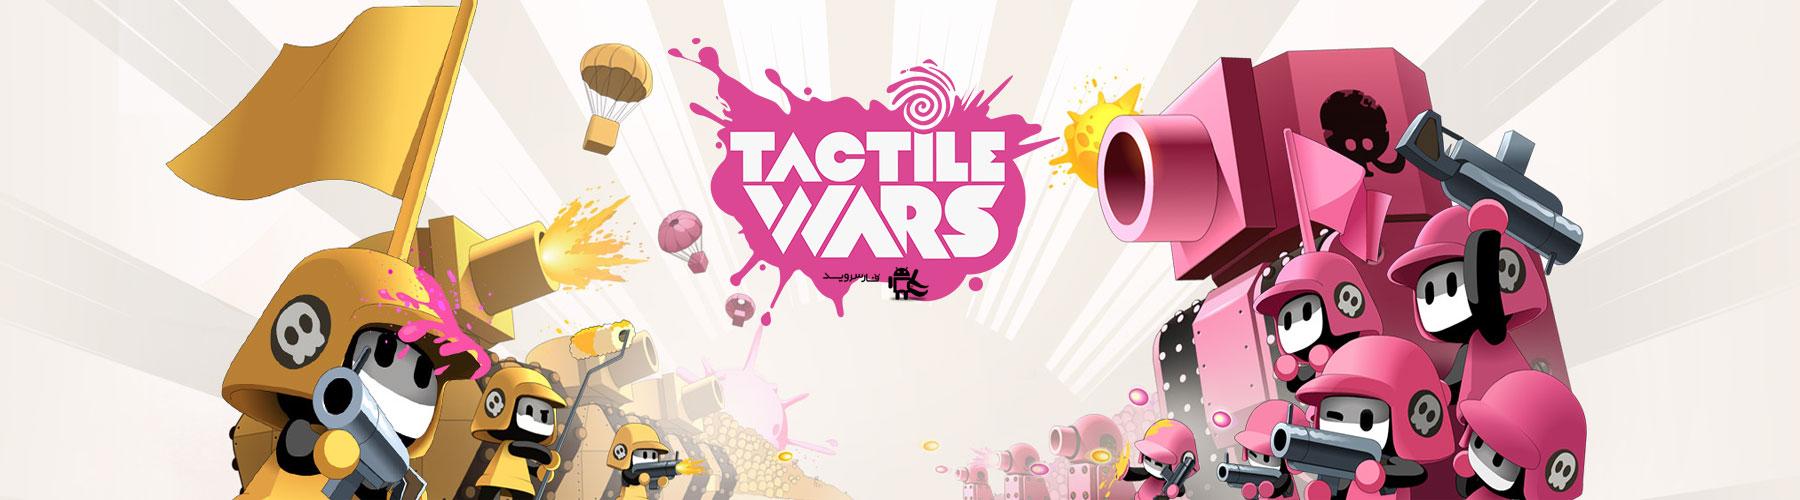 دانلود Tactile Wars - بازی استراتژی جنگ های لمسی اندروید + دیتا